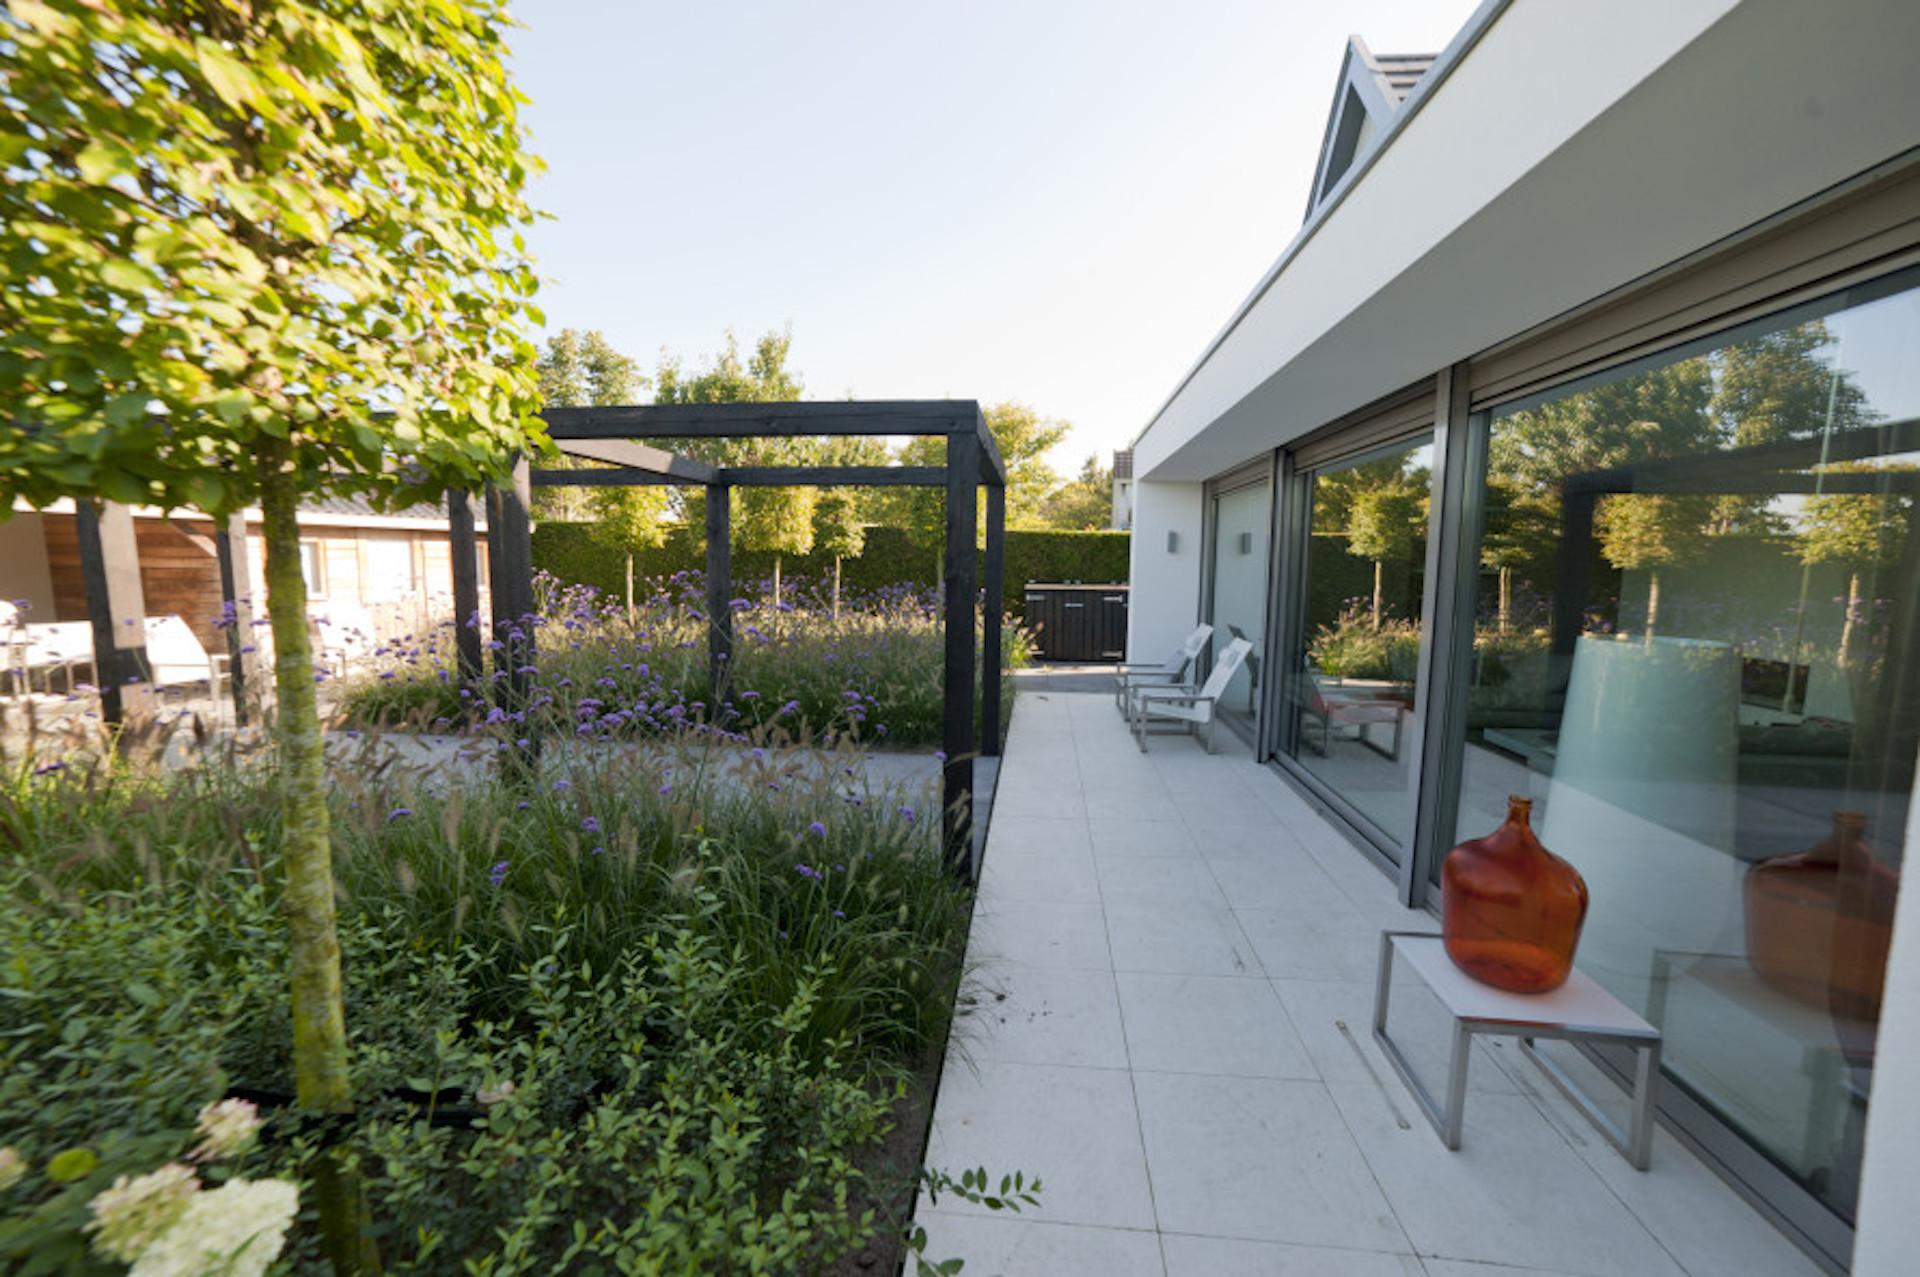 Tuinontwerp Outlook Groenprojecten strak vormgegeven tuin met Stoere pergola zwart - Outlook Groenprojecten